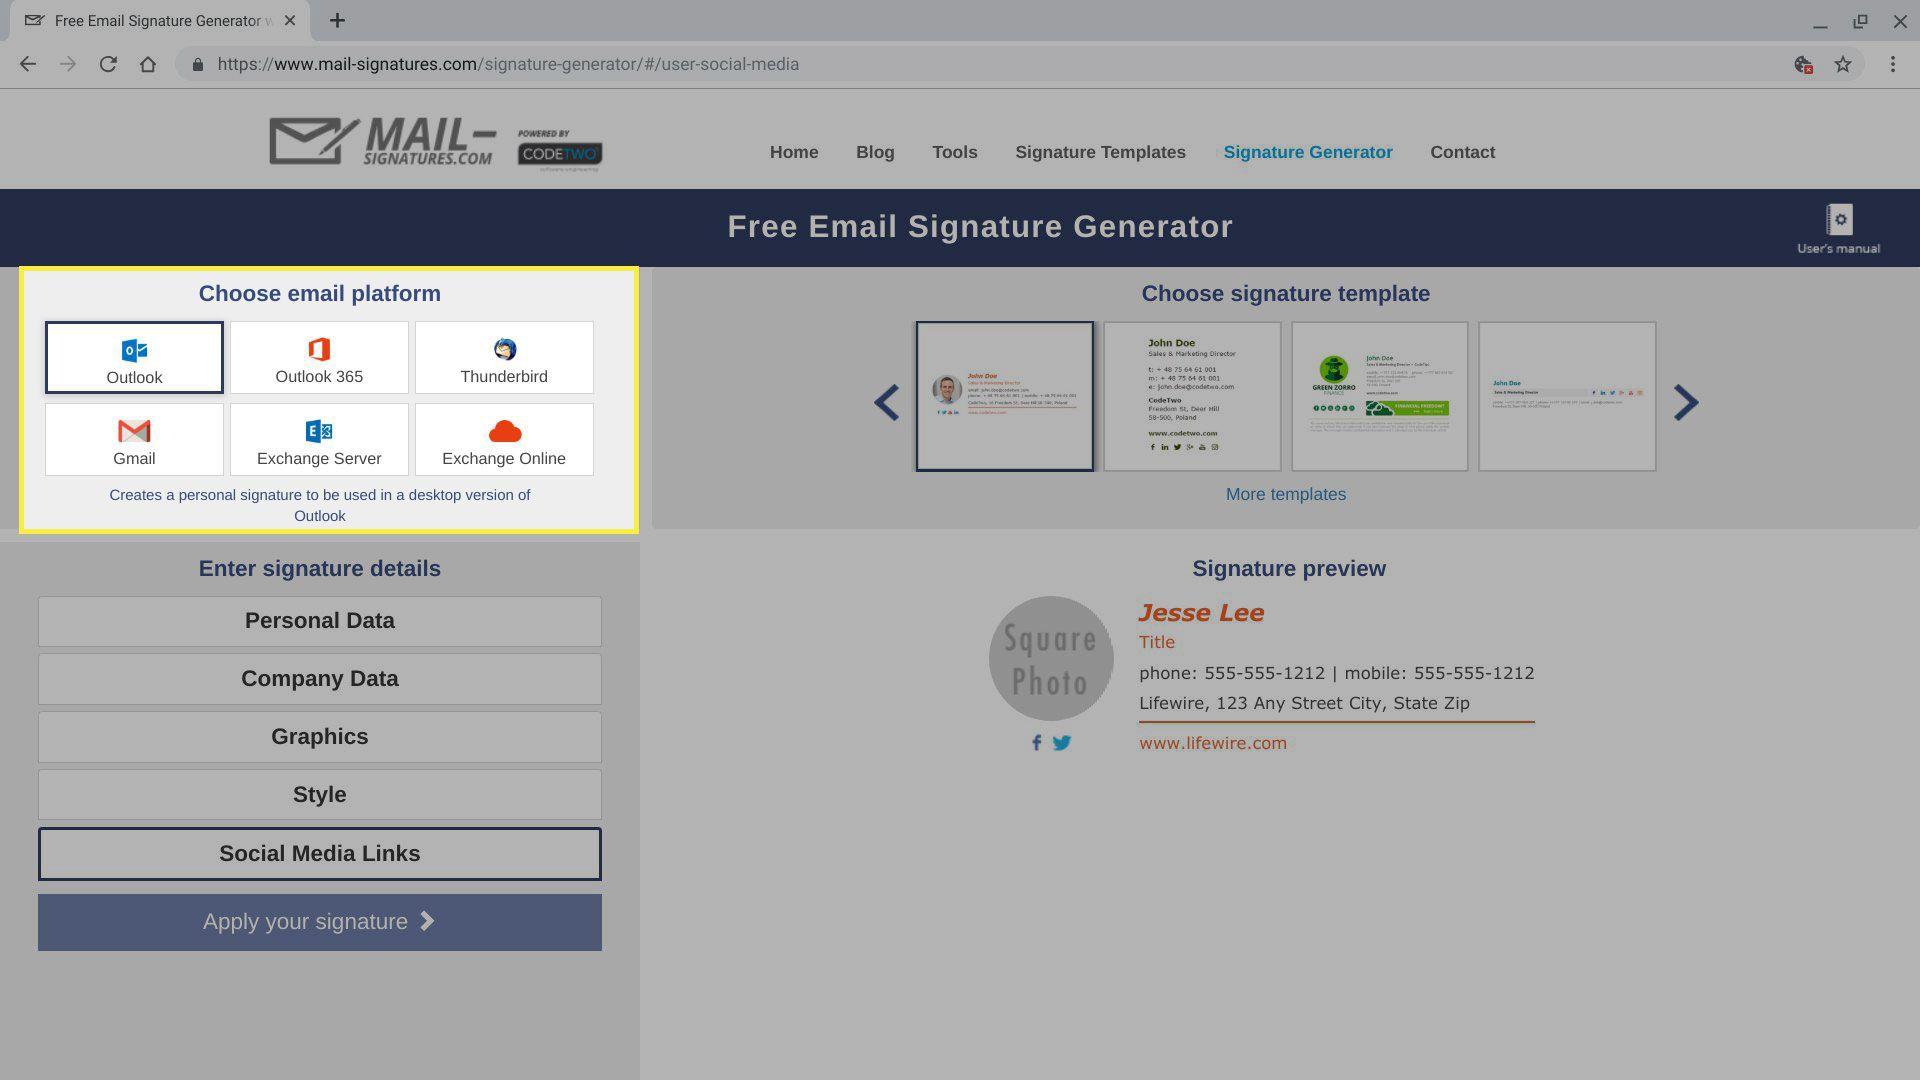 Email platform options in Signatures Generator